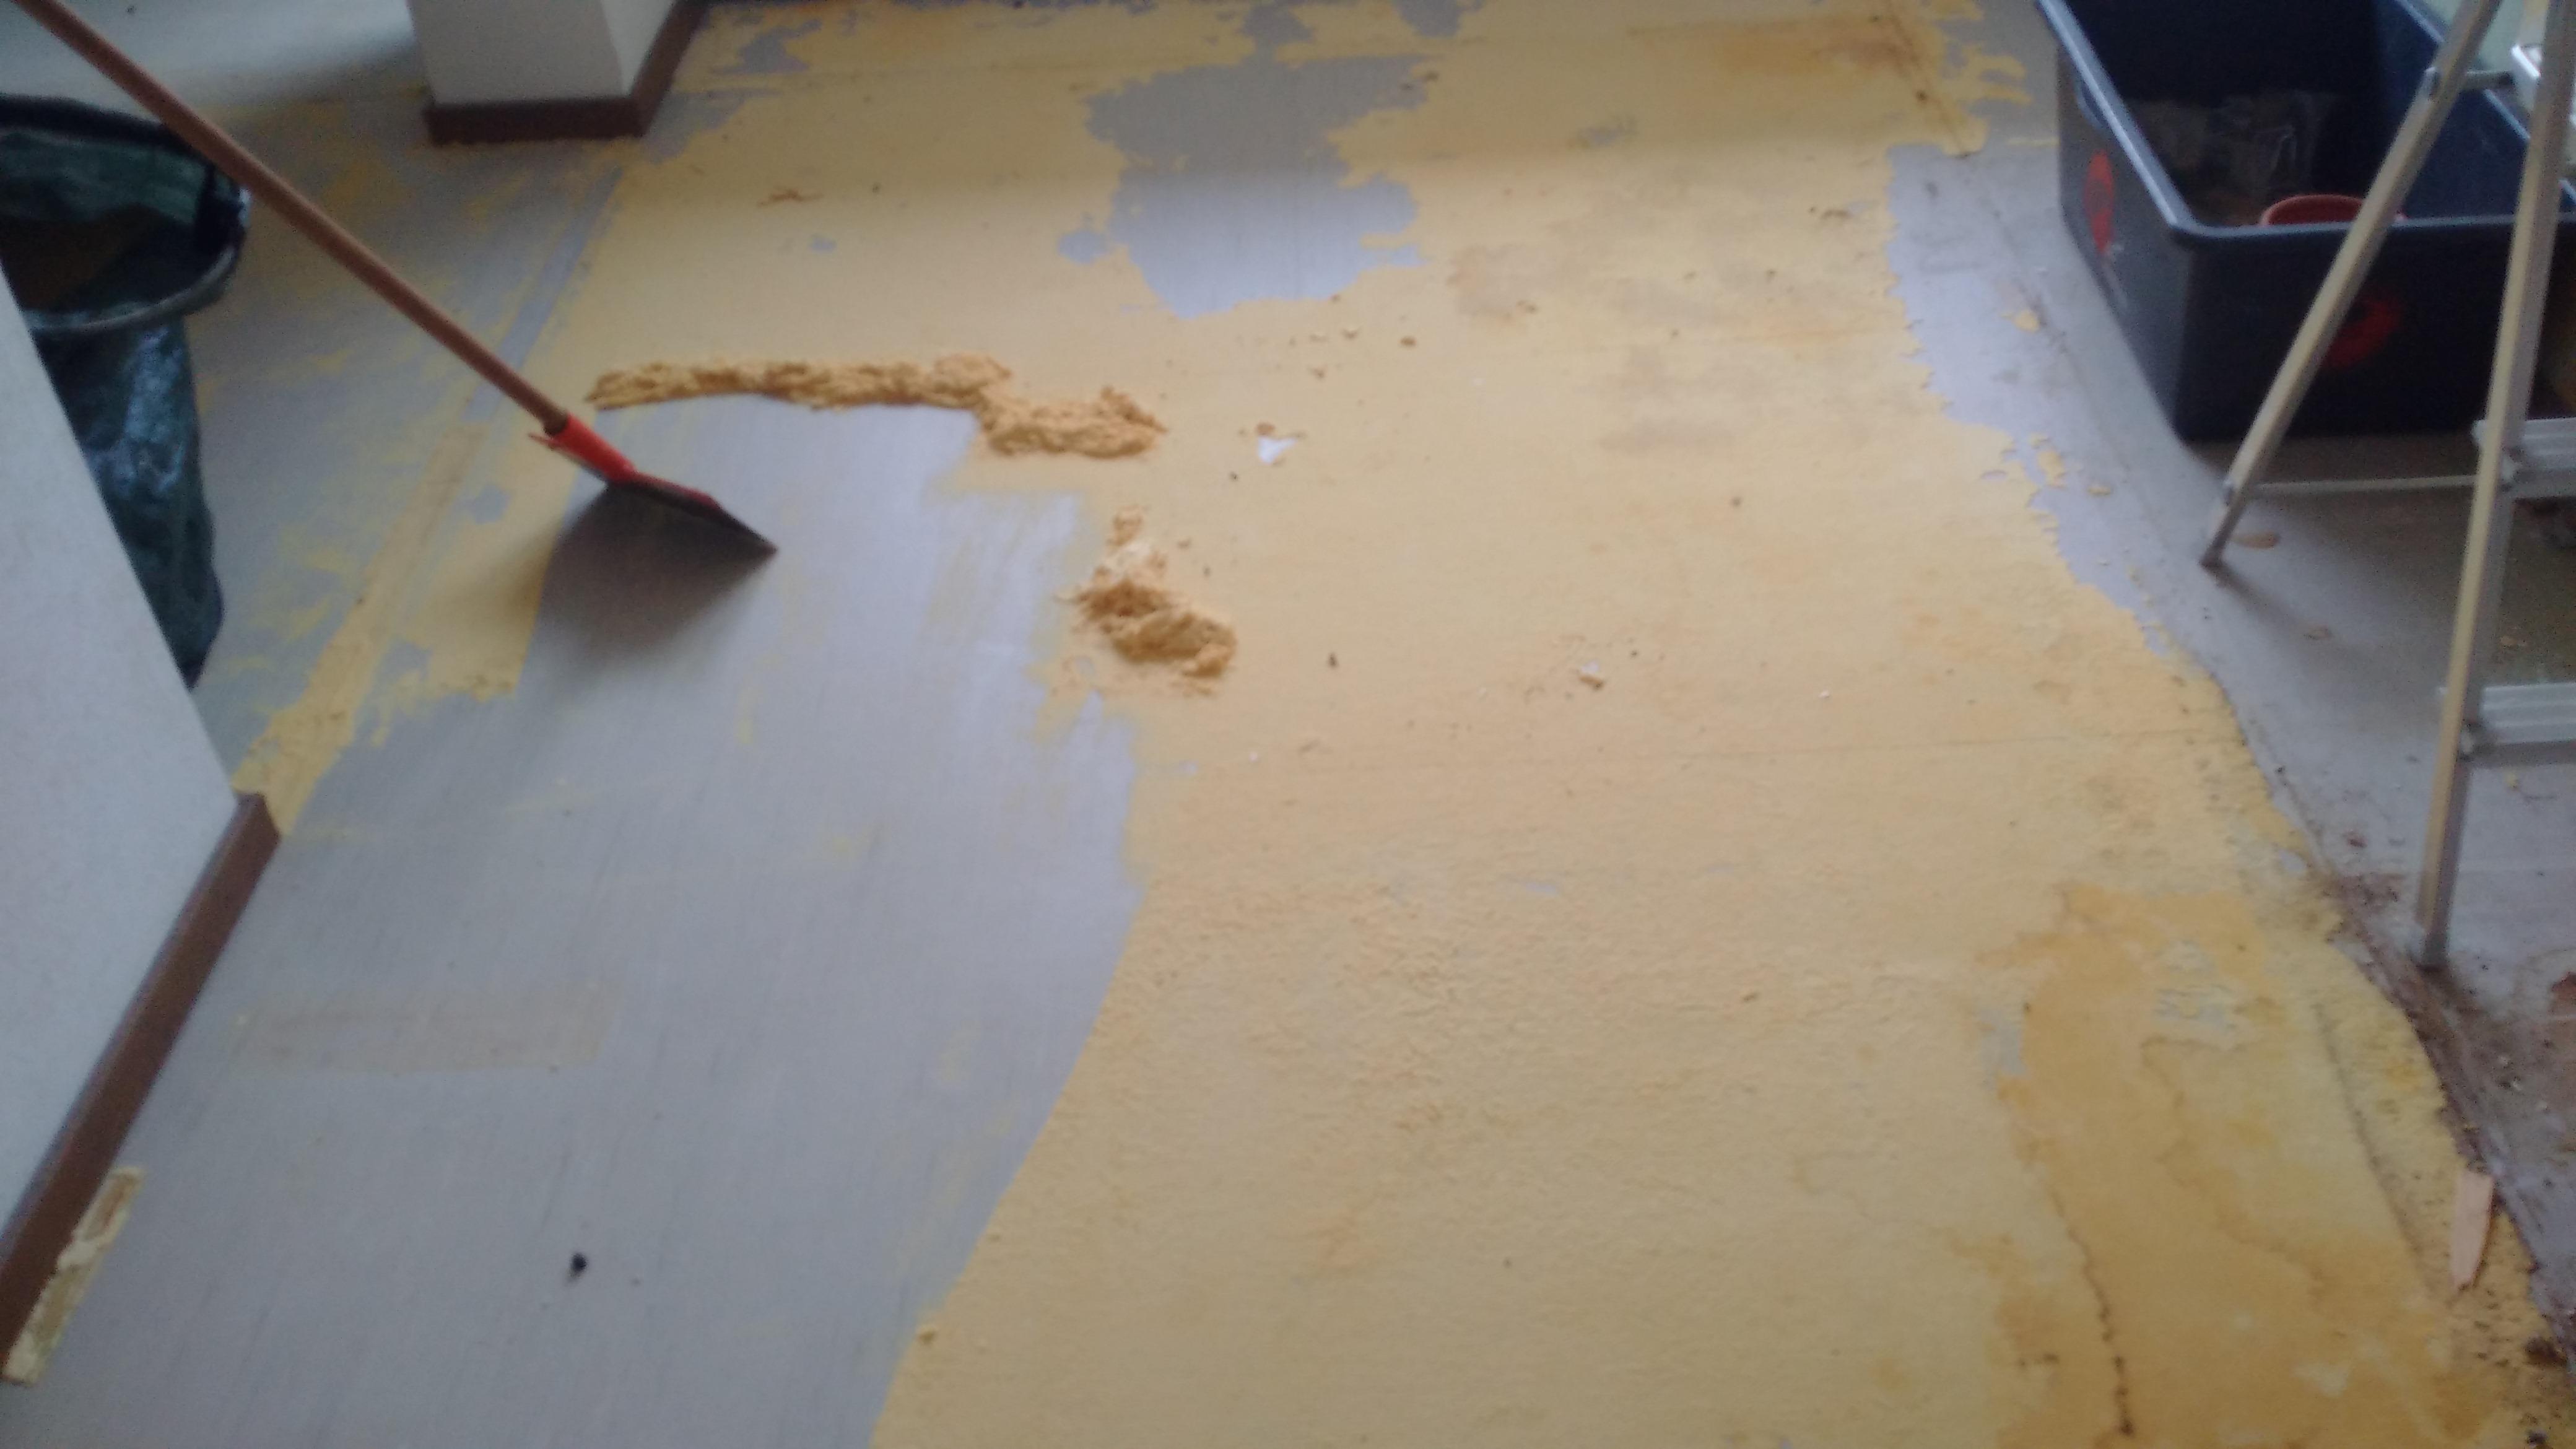 hausmeisterservice wohnungsaufl sung entfernung bodenbel ge teppichboden laminat. Black Bedroom Furniture Sets. Home Design Ideas